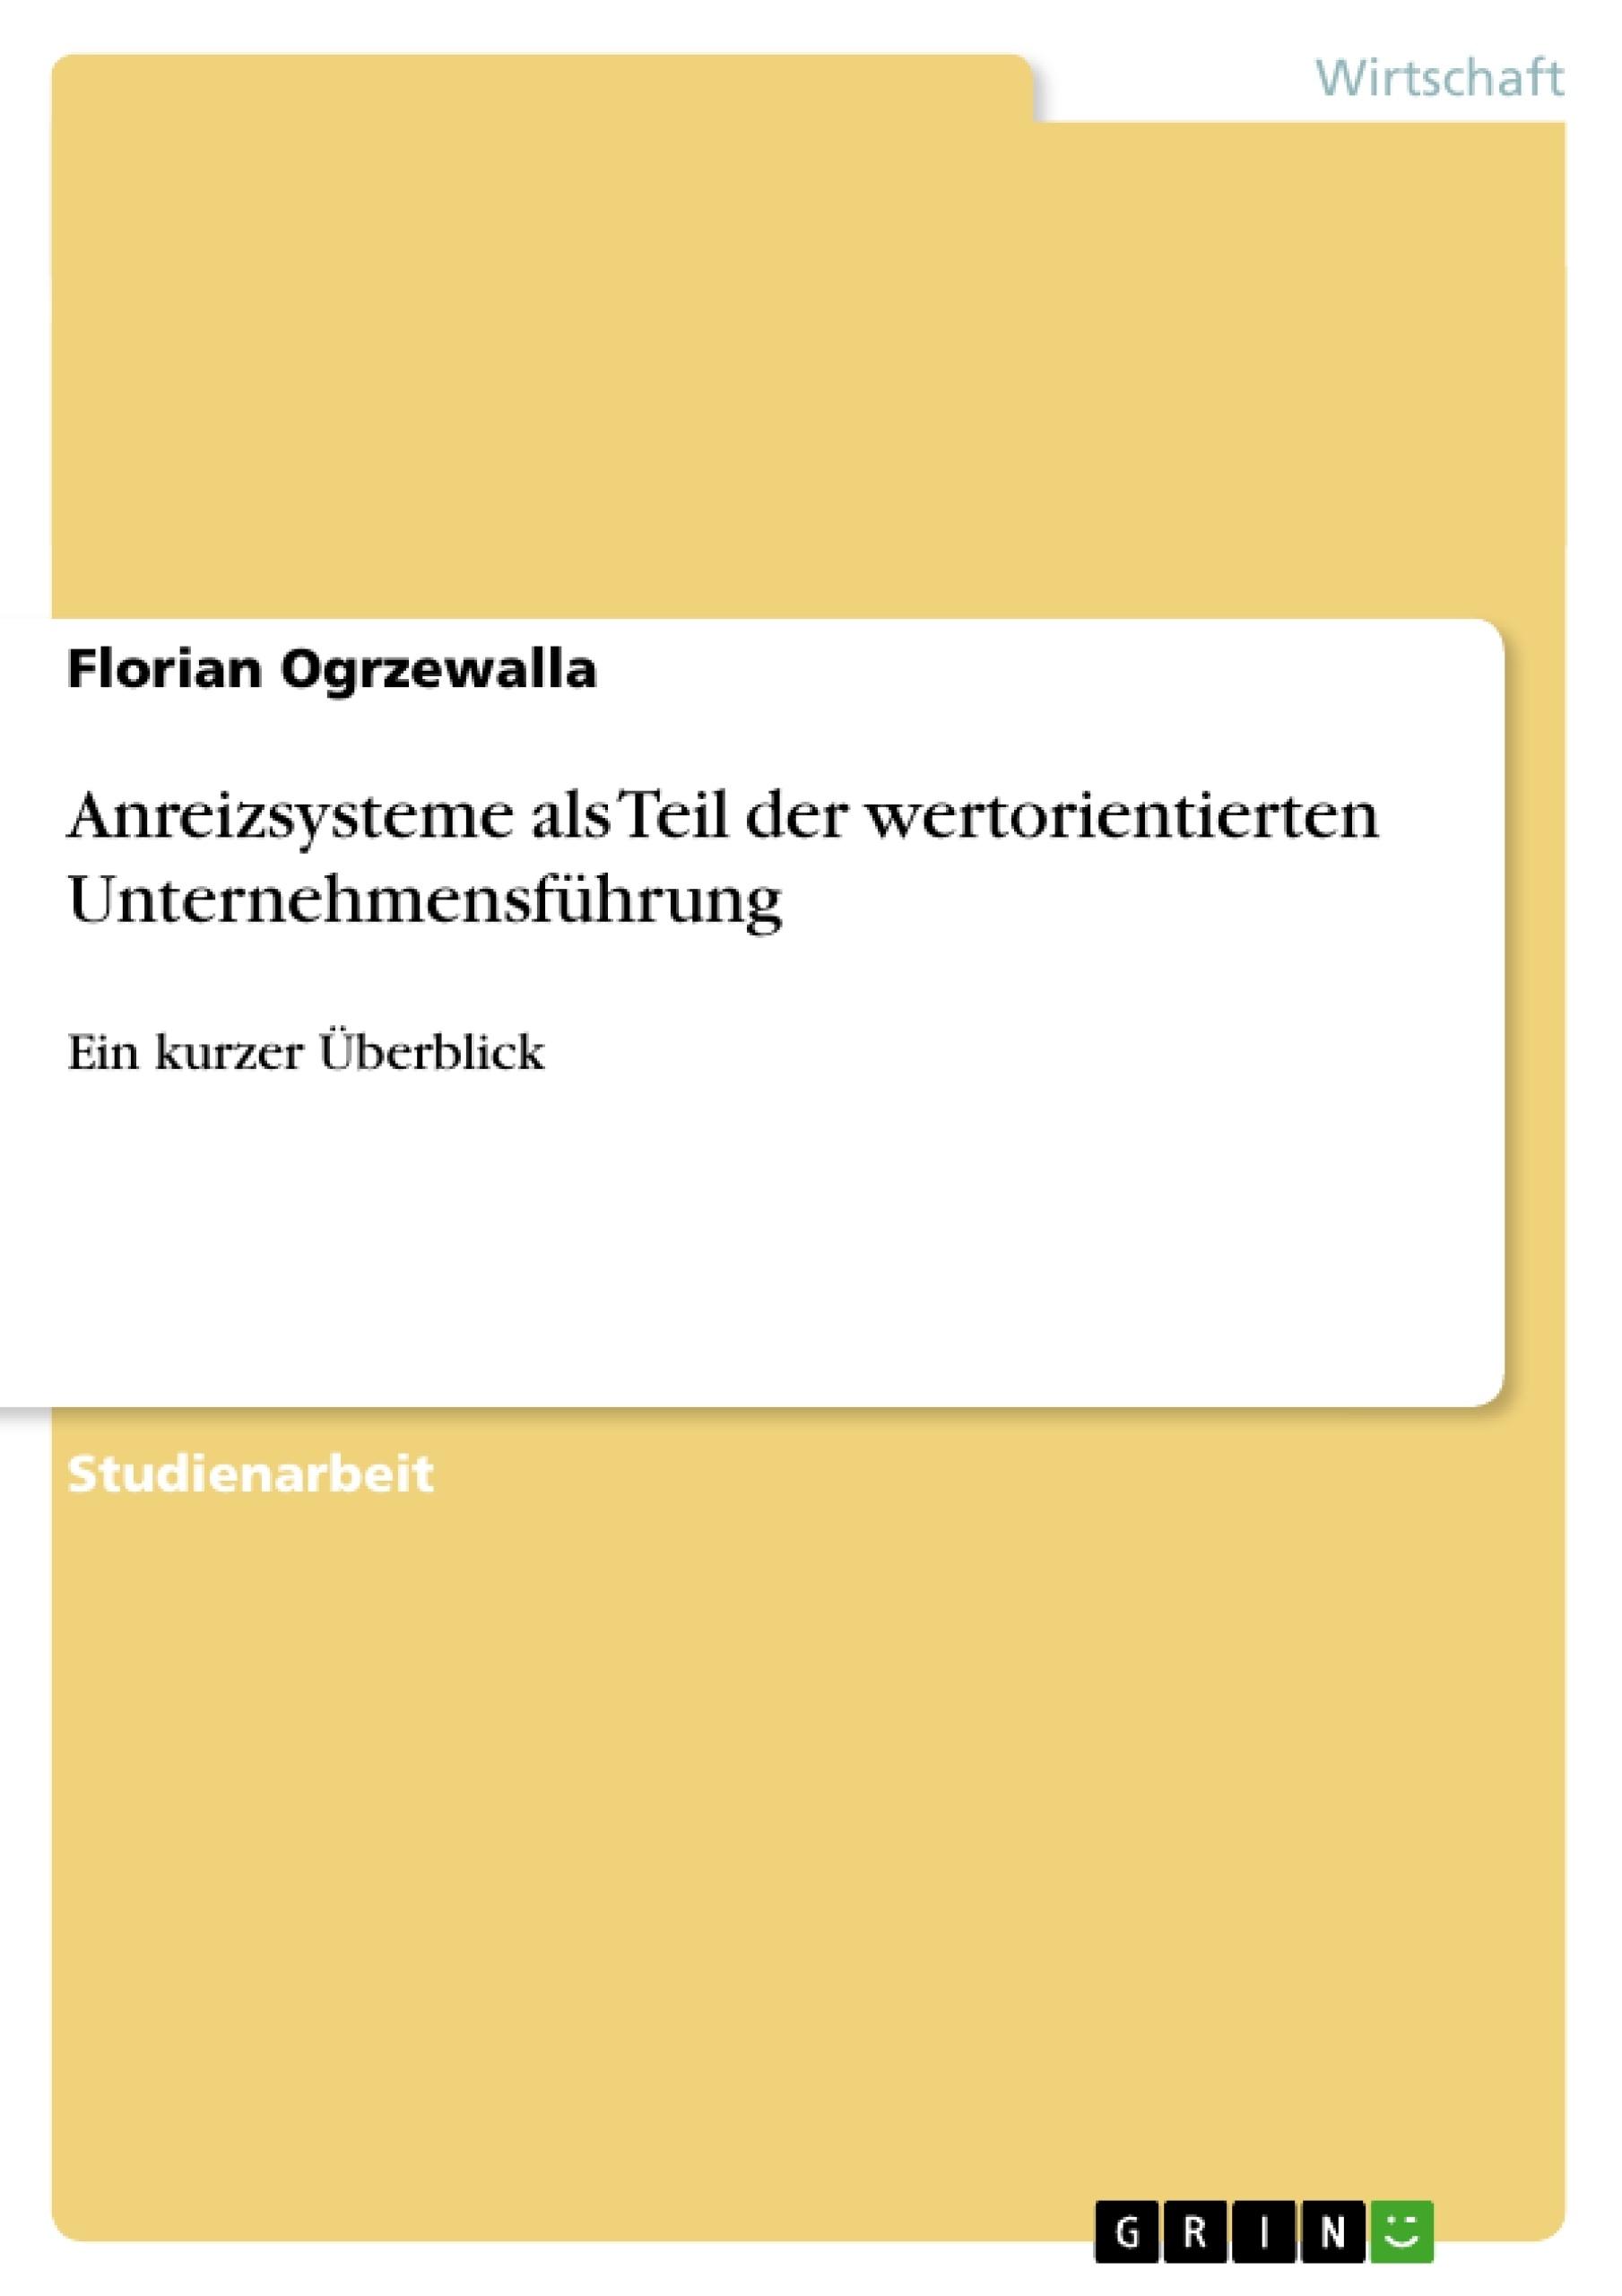 Titel: Anreizsysteme als Teil der wertorientierten Unternehmensführung